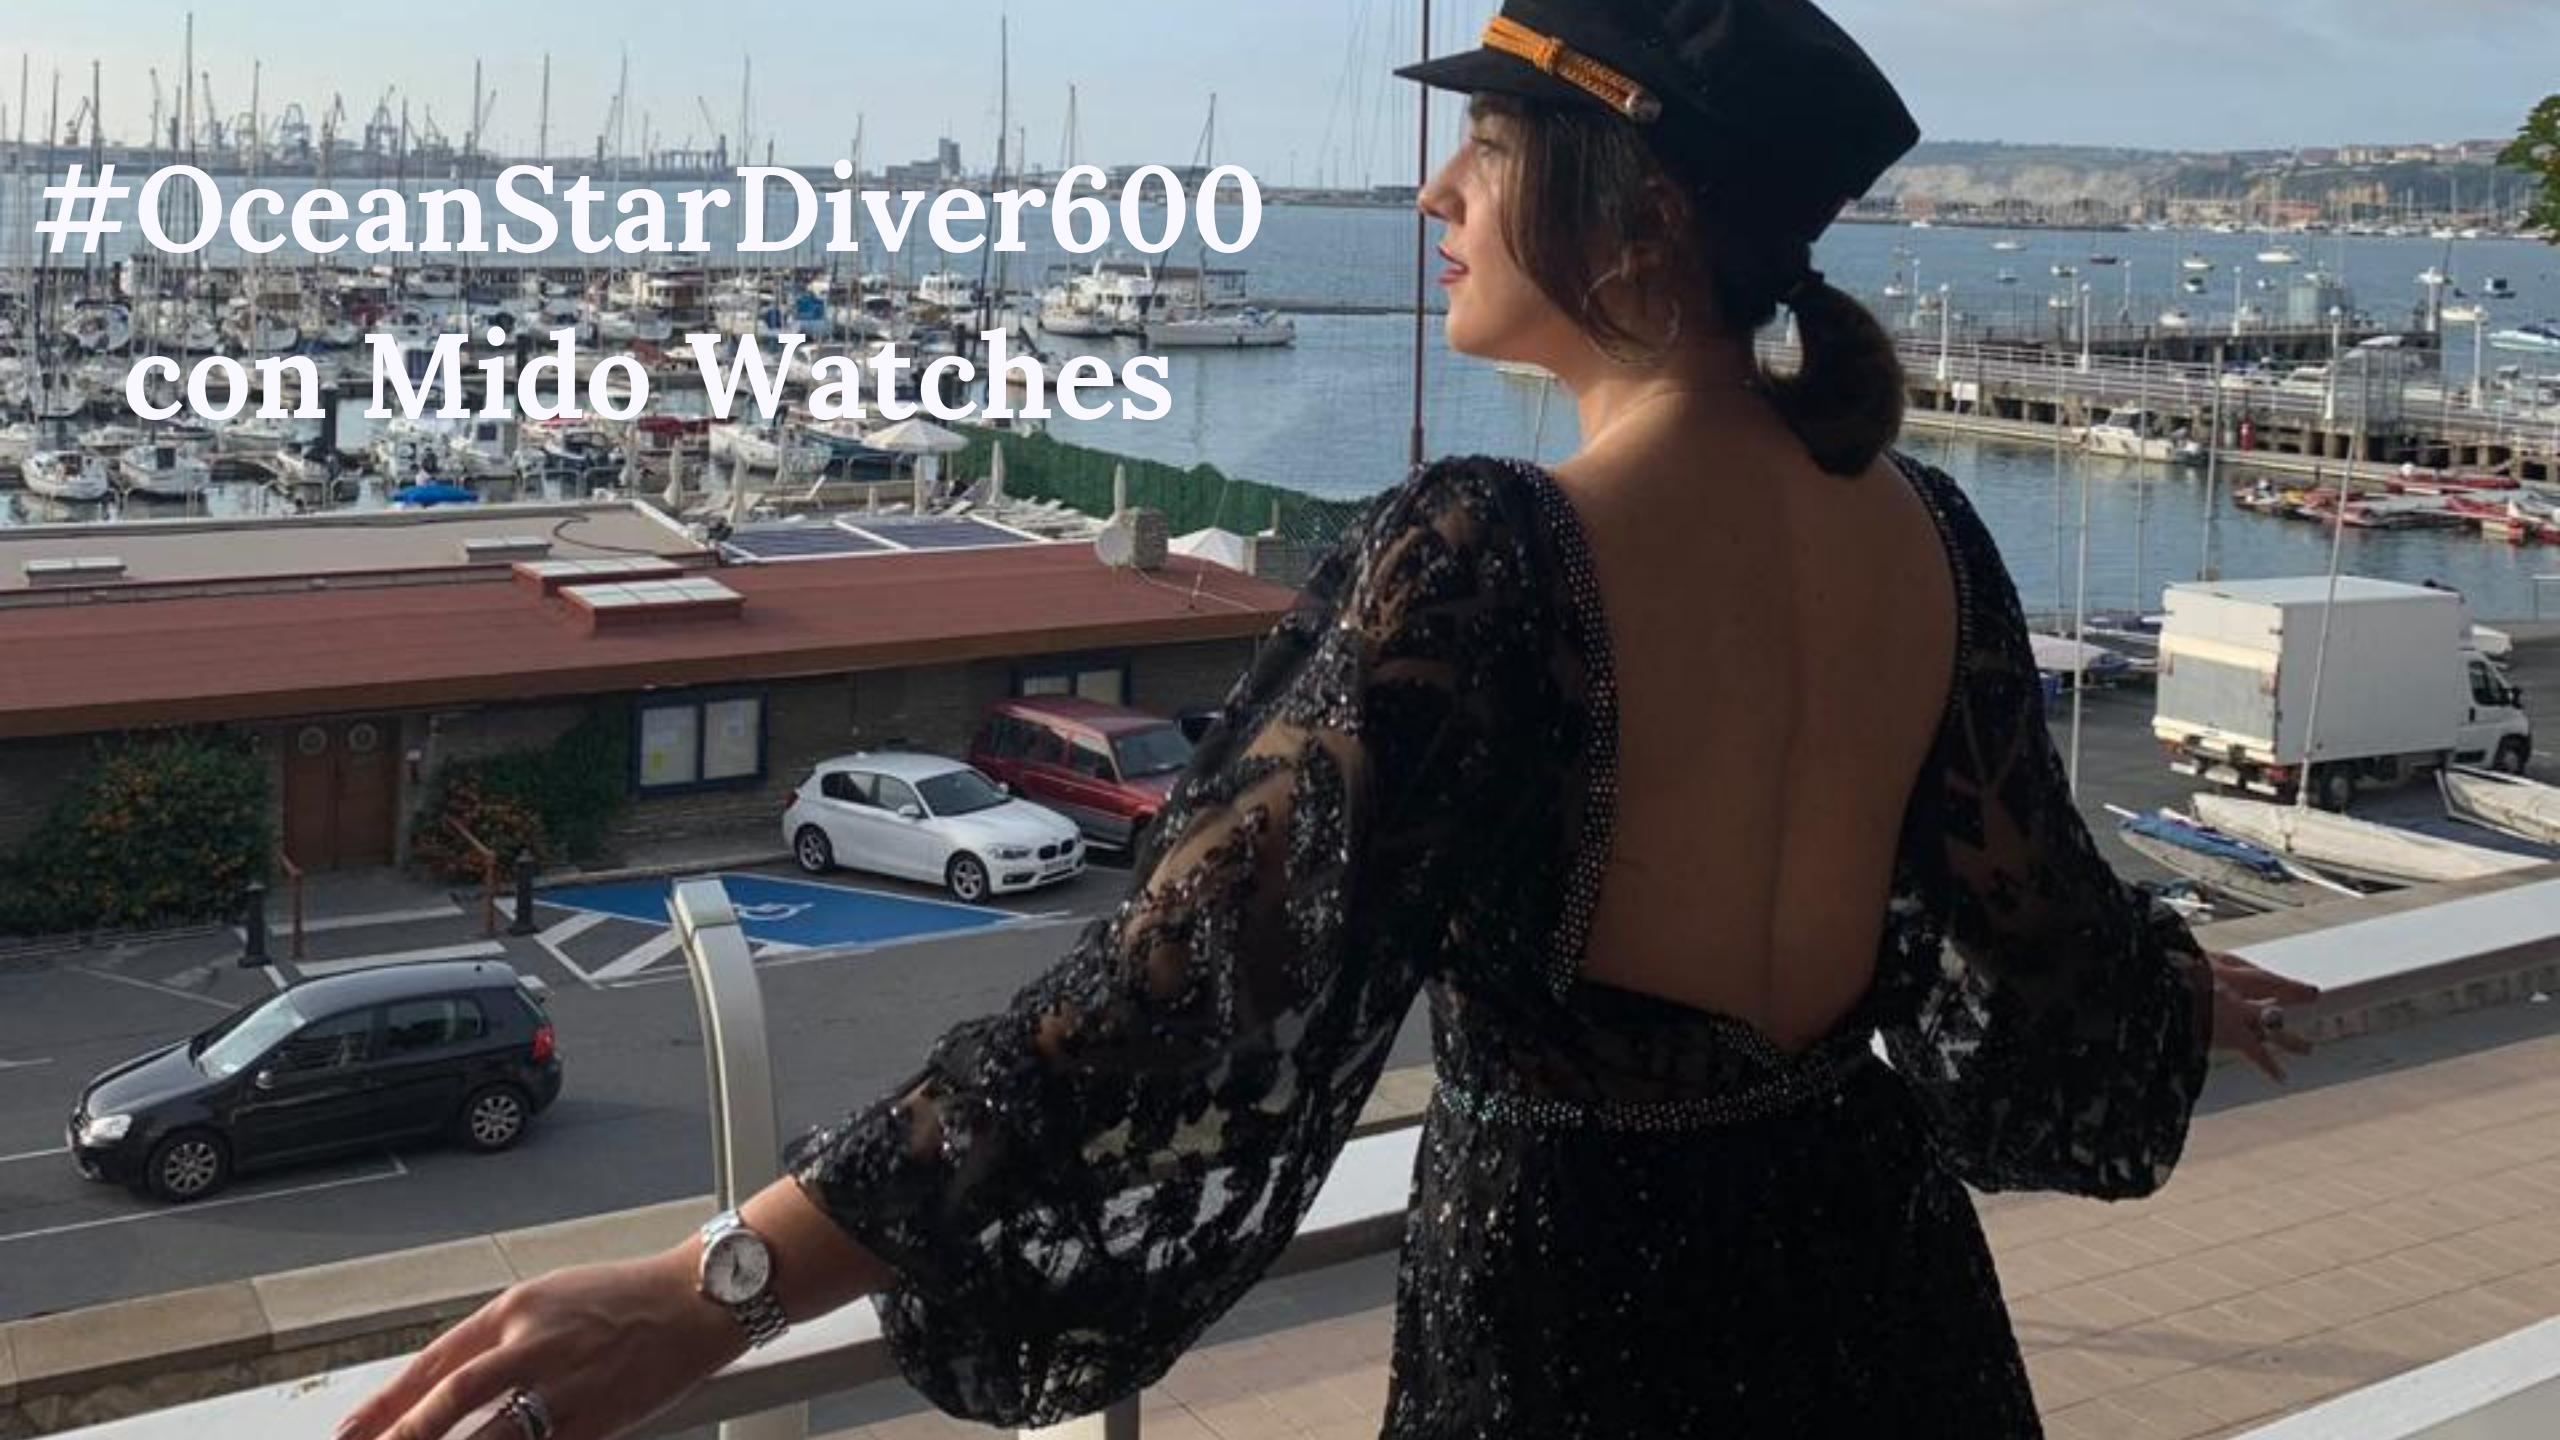 #LuxeTime Lanzamiento del #OceanStarDiver600 de Mido Watches en Bilbao